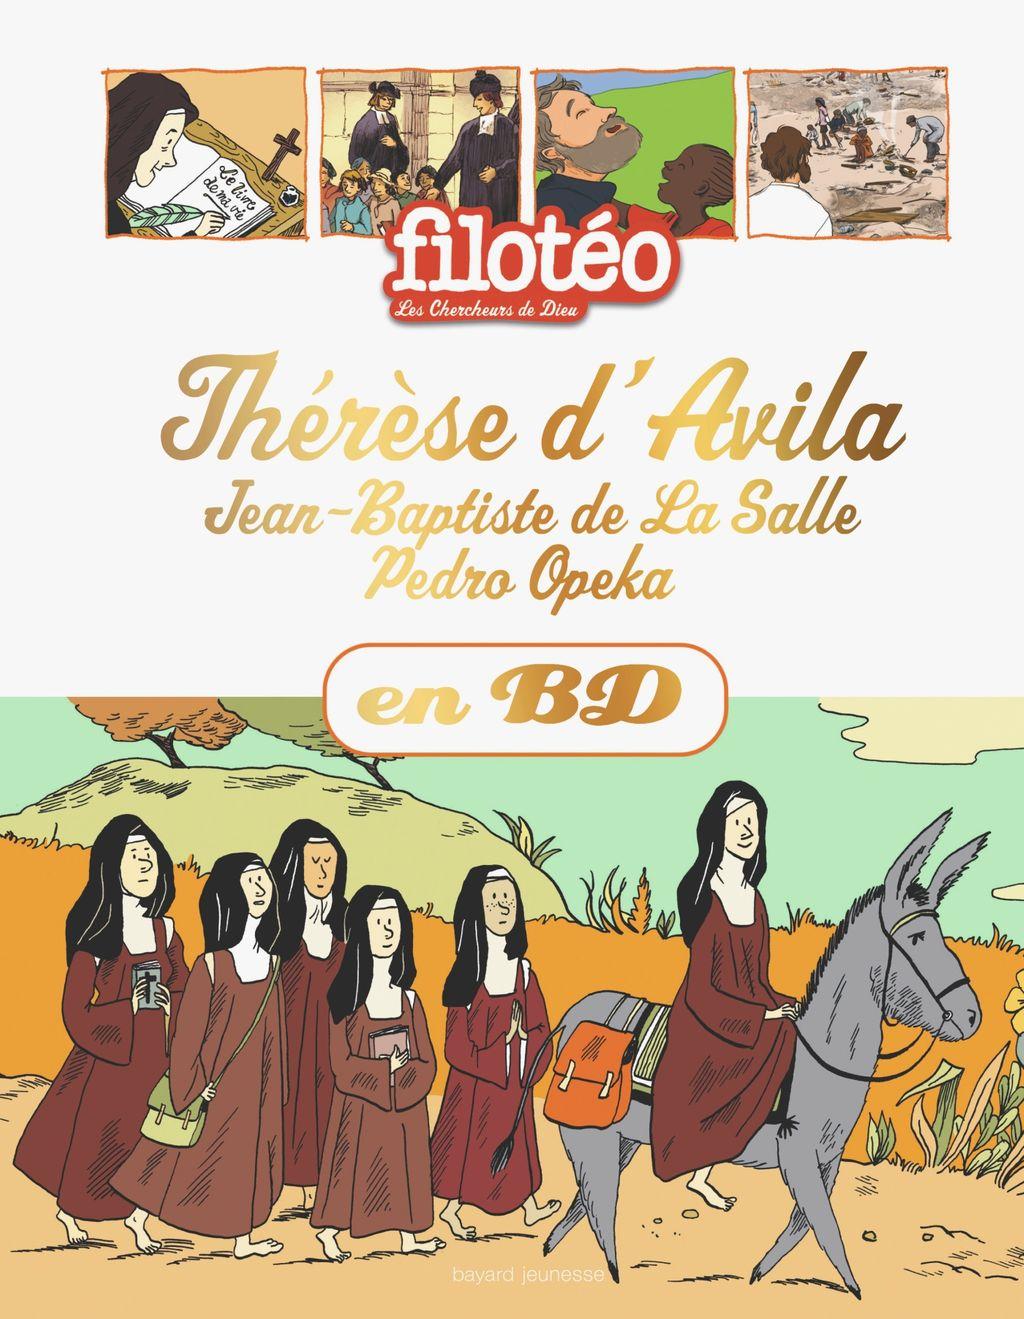 «Thérèse d'Avila, Jean-Baptiste de la Salle, Pedro Okepa, en BD» cover